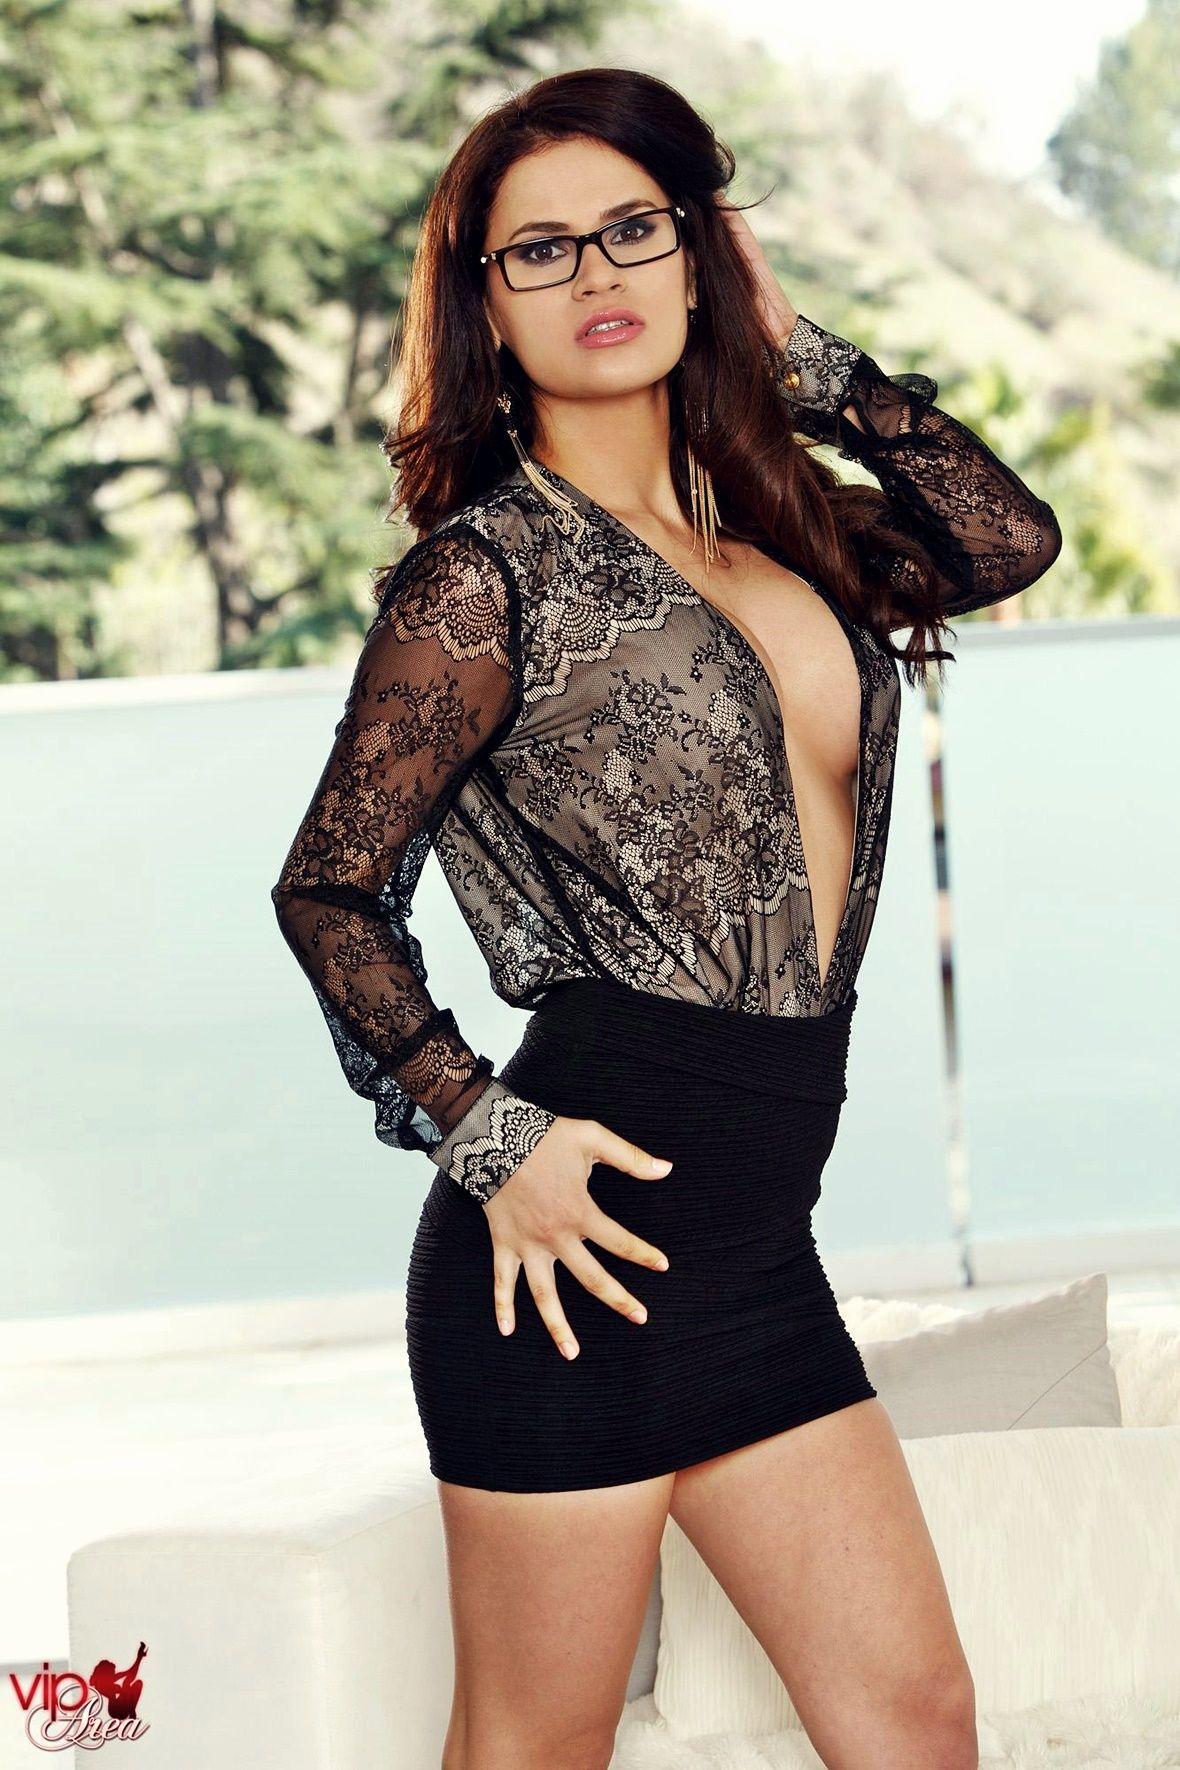 Vanessa Veracruz Nude Photos 8